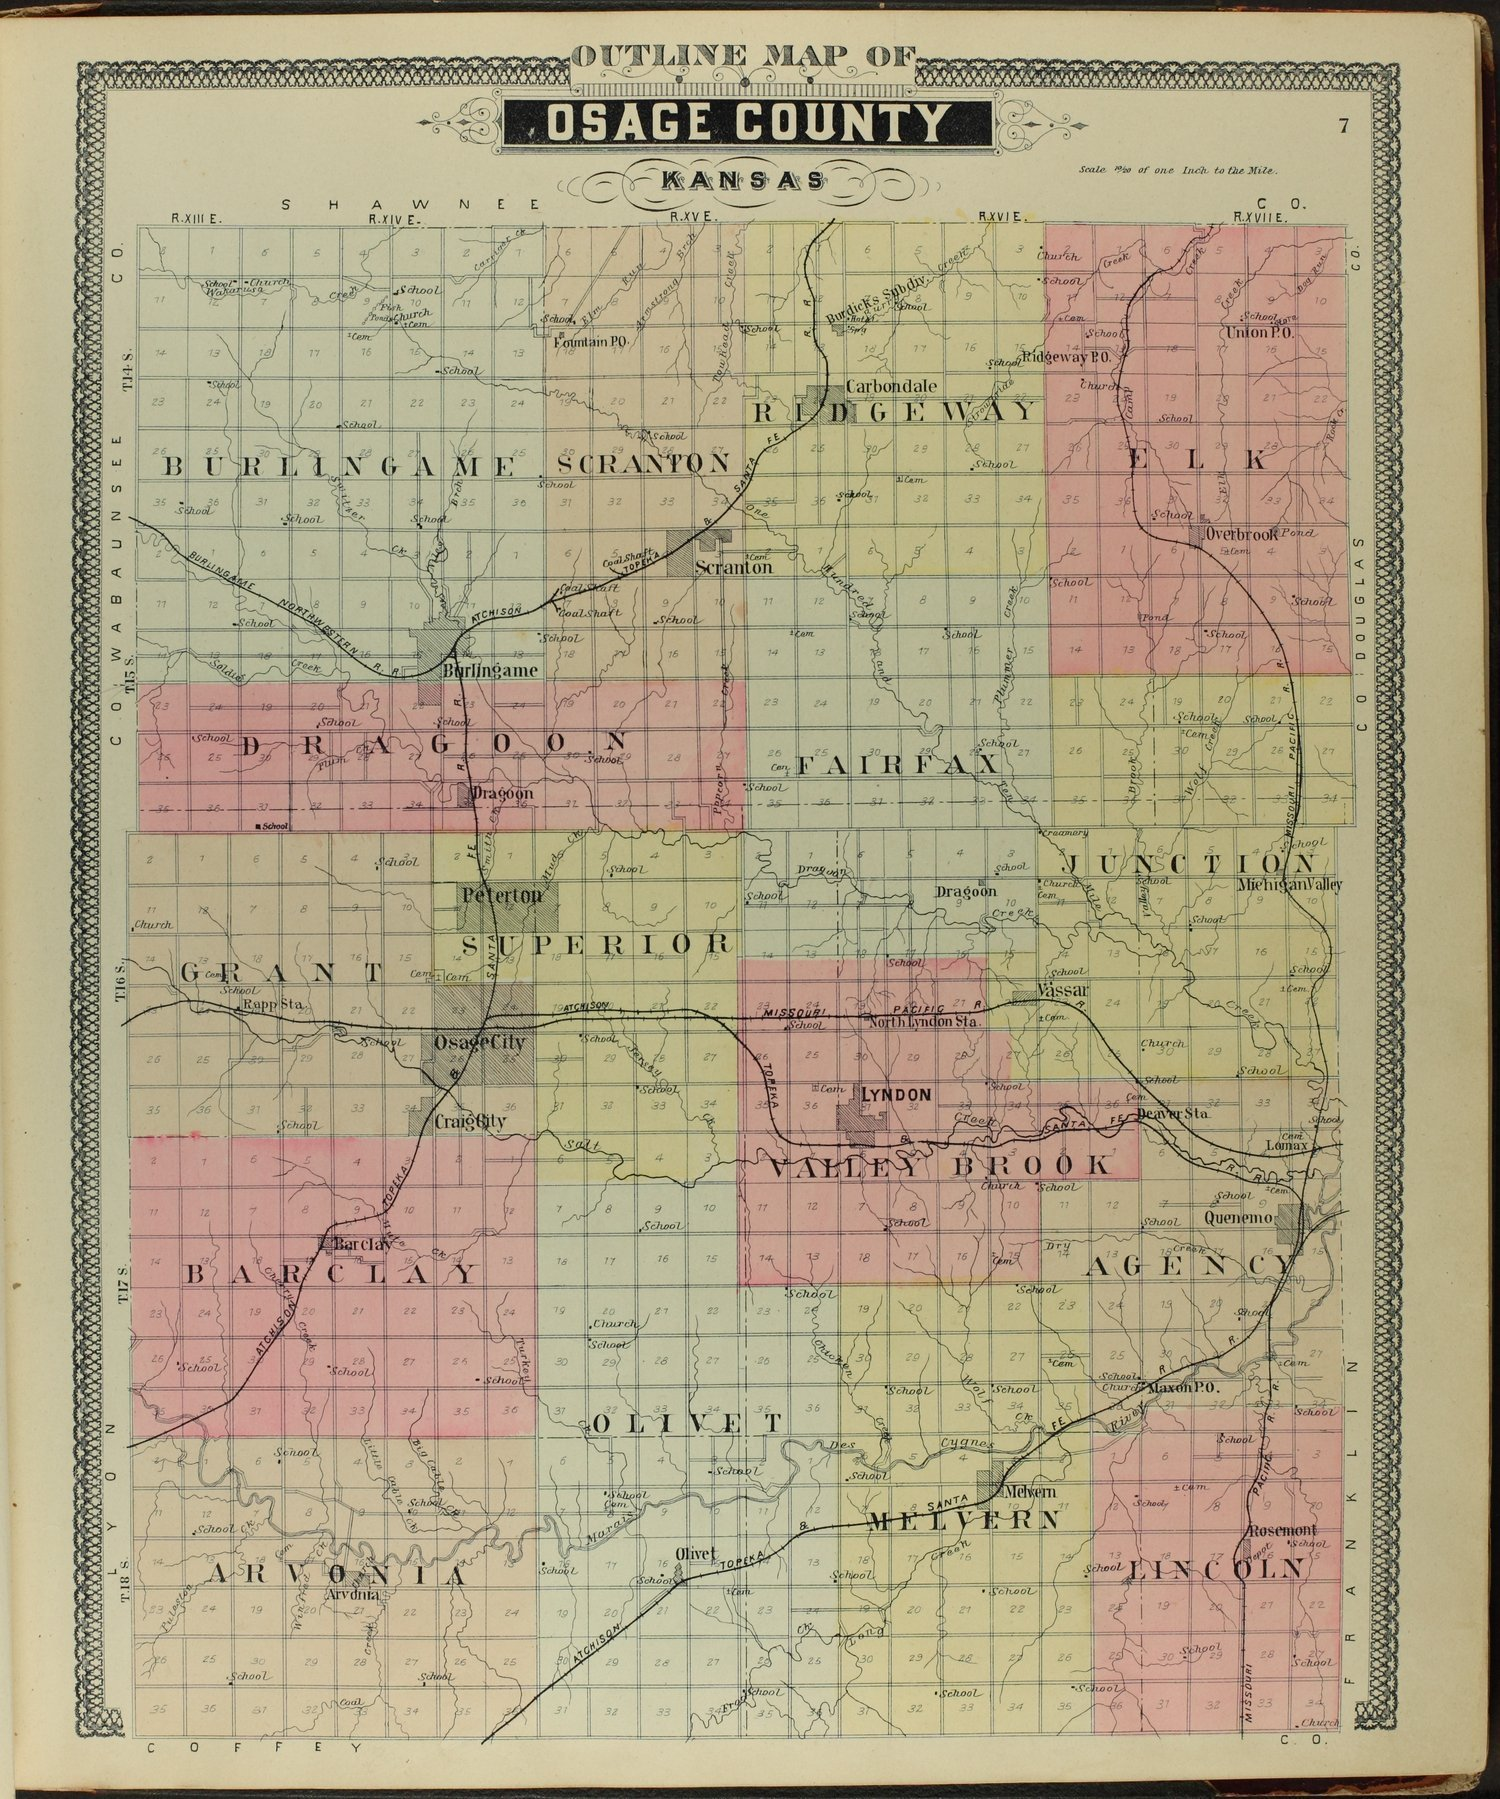 Descriptive atlas of Osage County, Kansas - 7